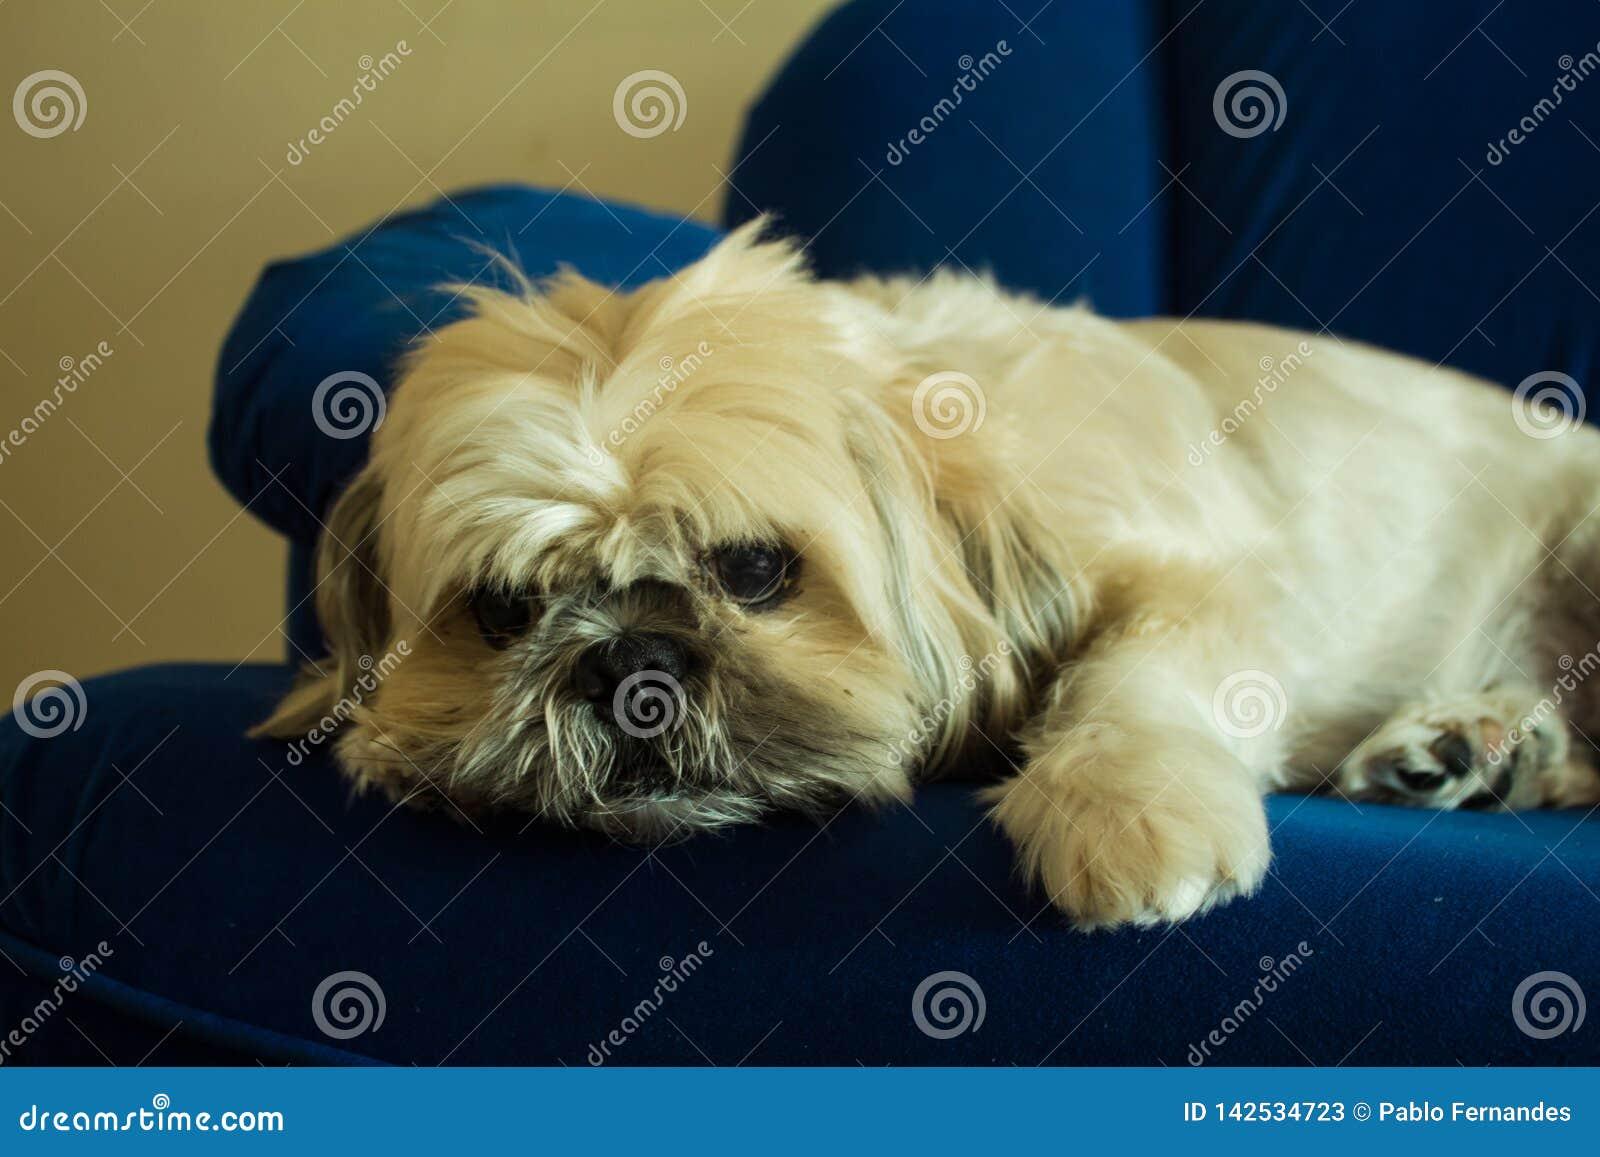 Shih Tzu Dog Relaxing op de Bank